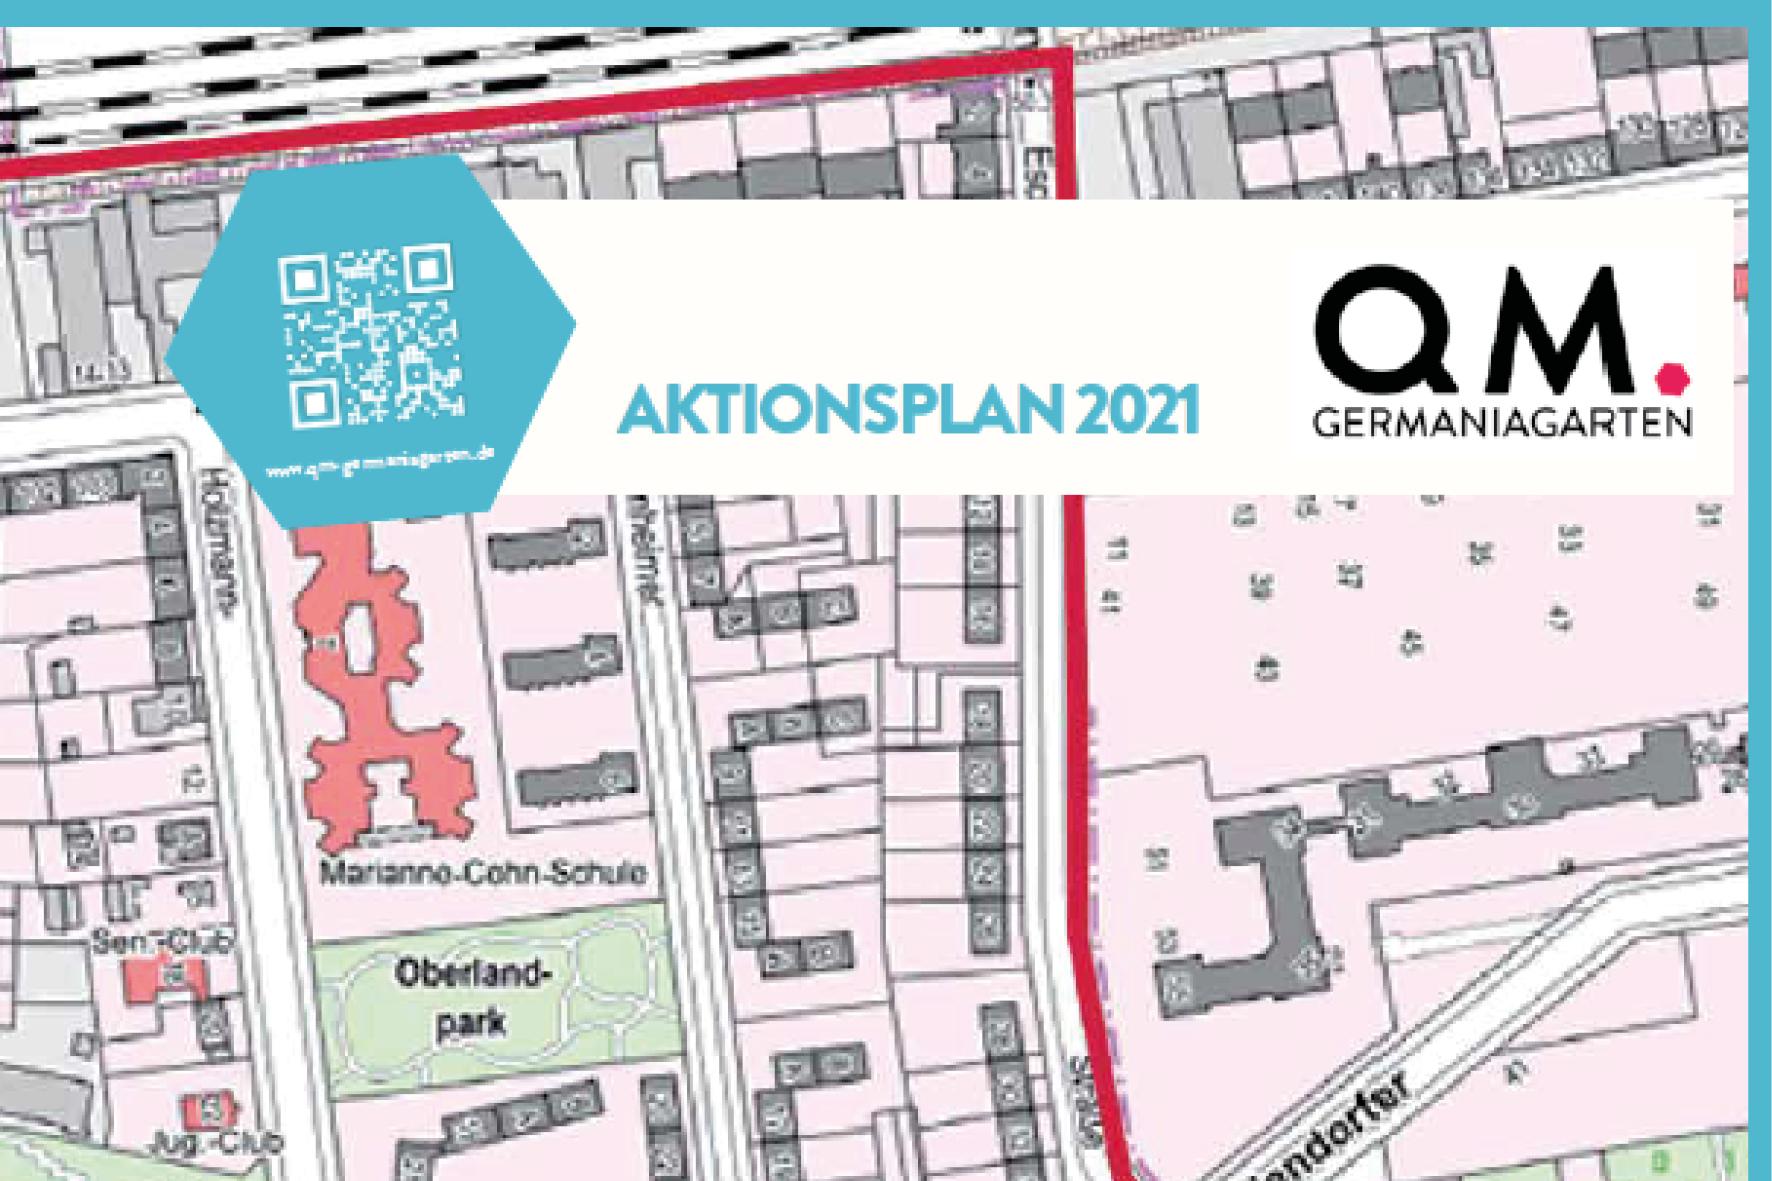 Aktionsplan Germaniagarten veröffentlicht